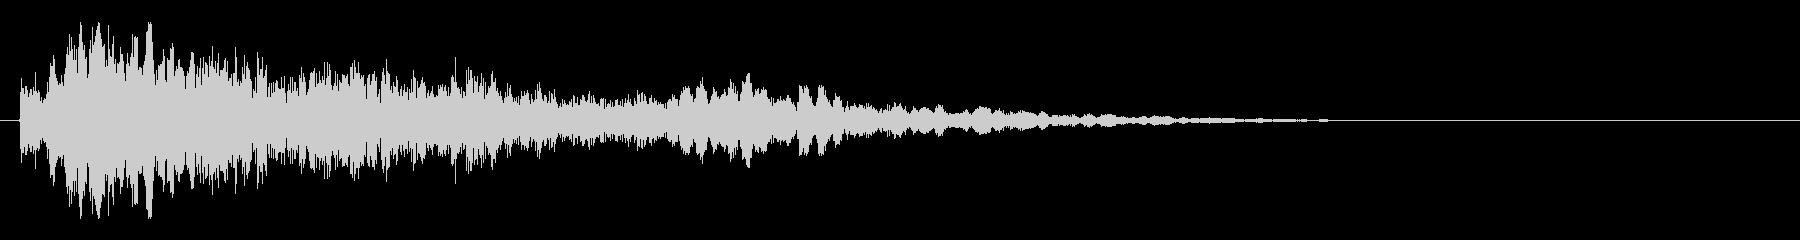 サスペンスピアノ音_19-3の未再生の波形